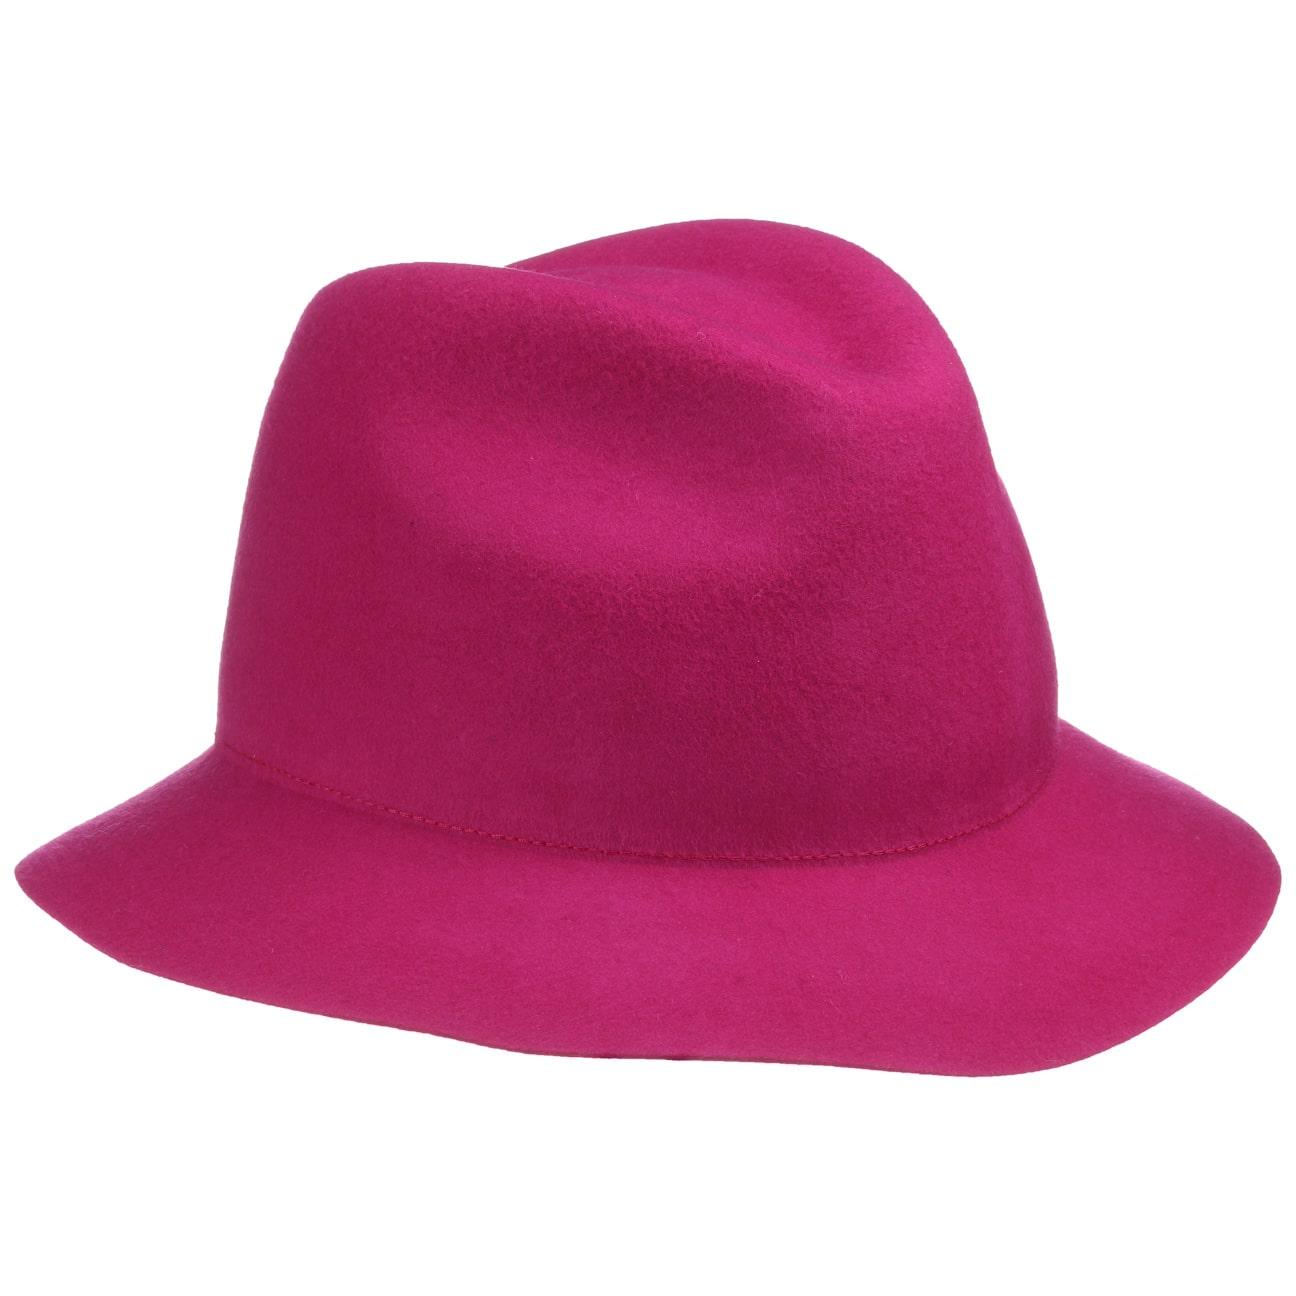 Sombrero de Mujer Annika by Bront?  sombrero de lana